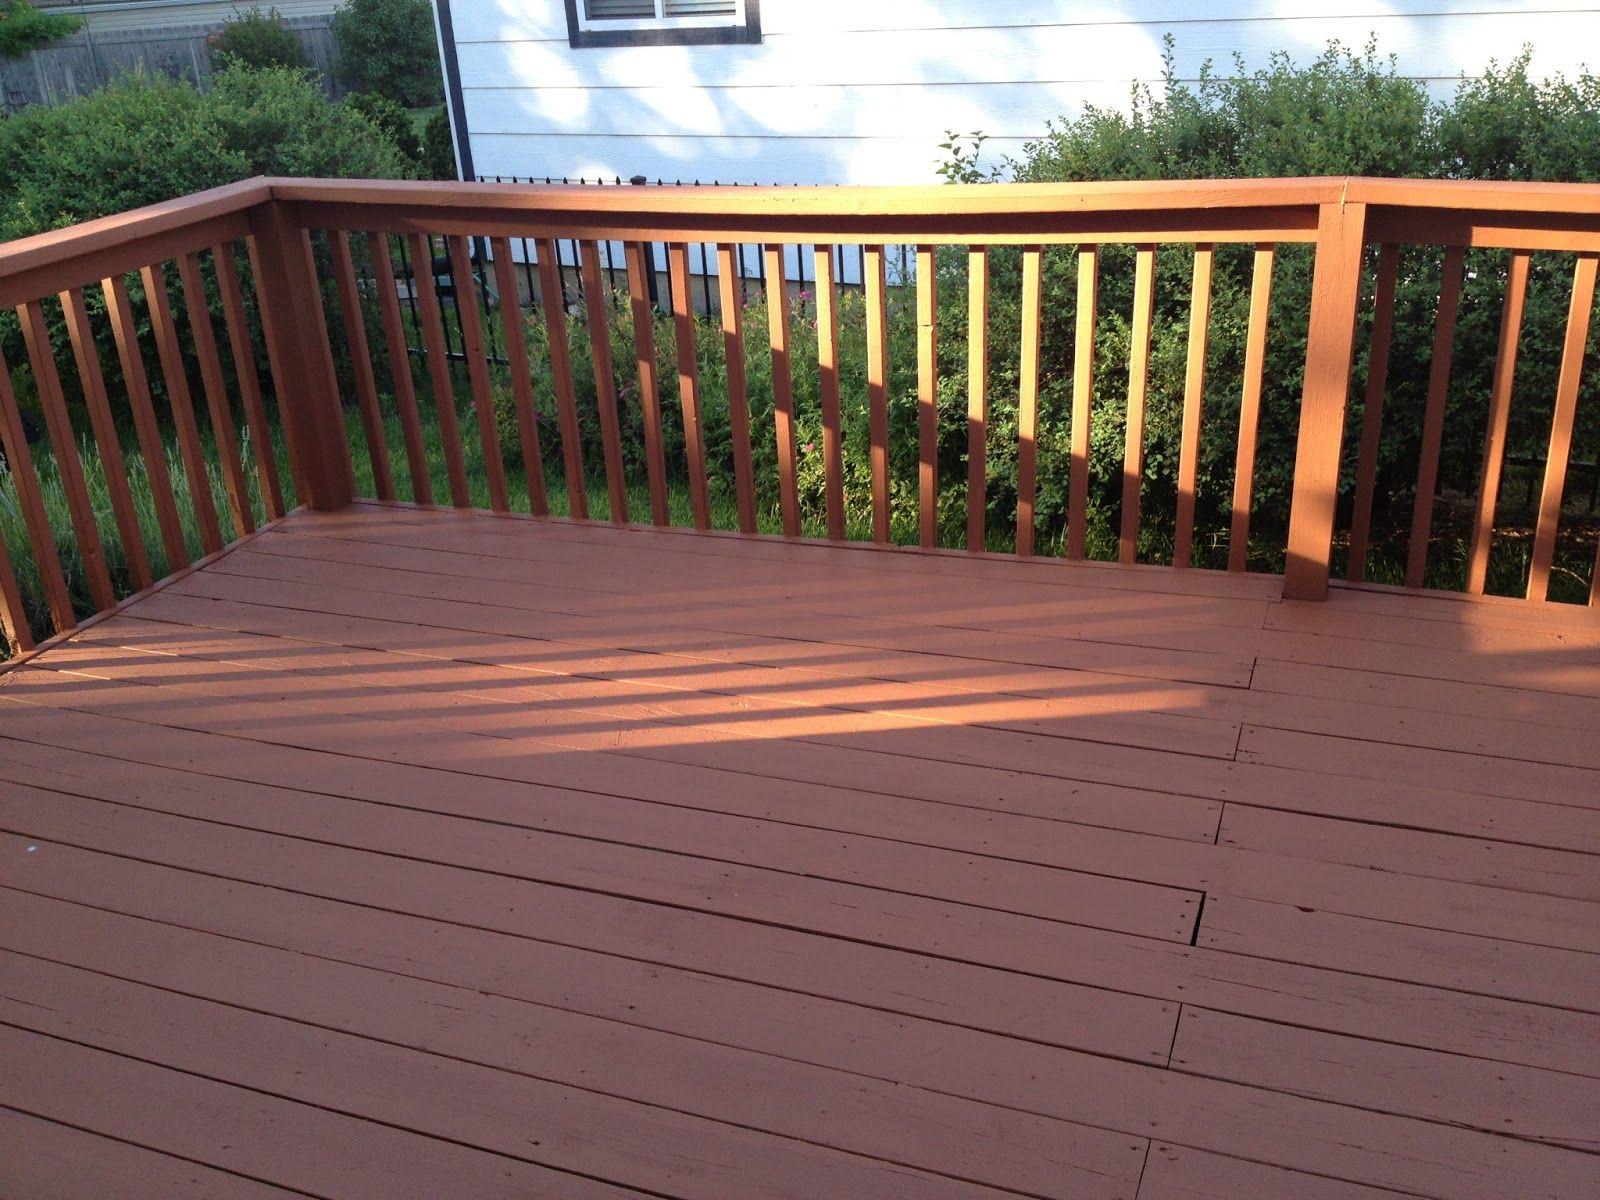 Handy In Ks Behr Deckover Review Staining Deck Behr Deck Over